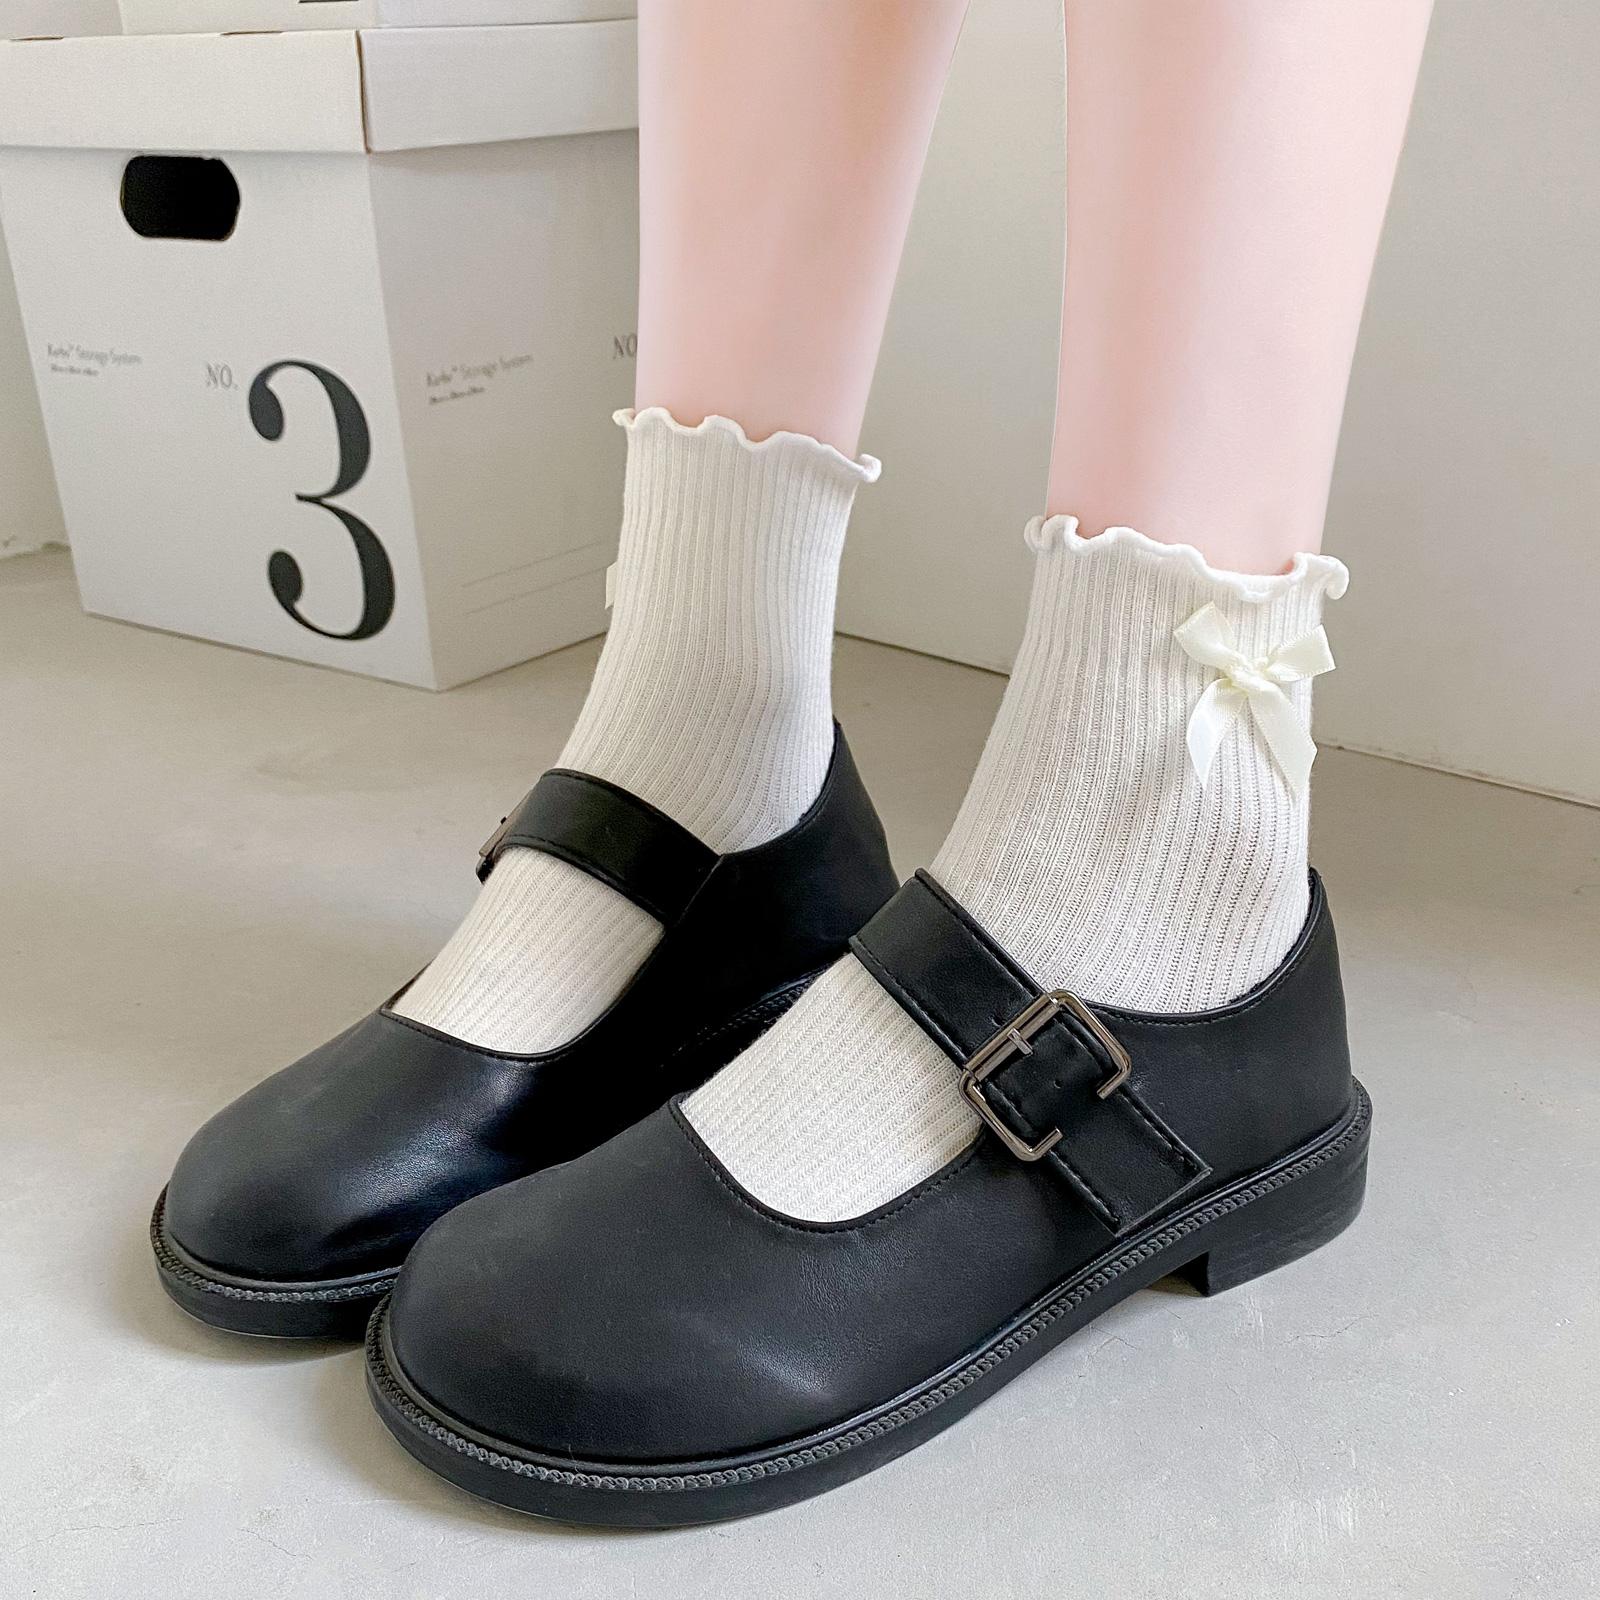 白色洛丽塔袜子女中筒袜纯棉jk日系可爱夏季薄款蝴蝶结木耳花边袜